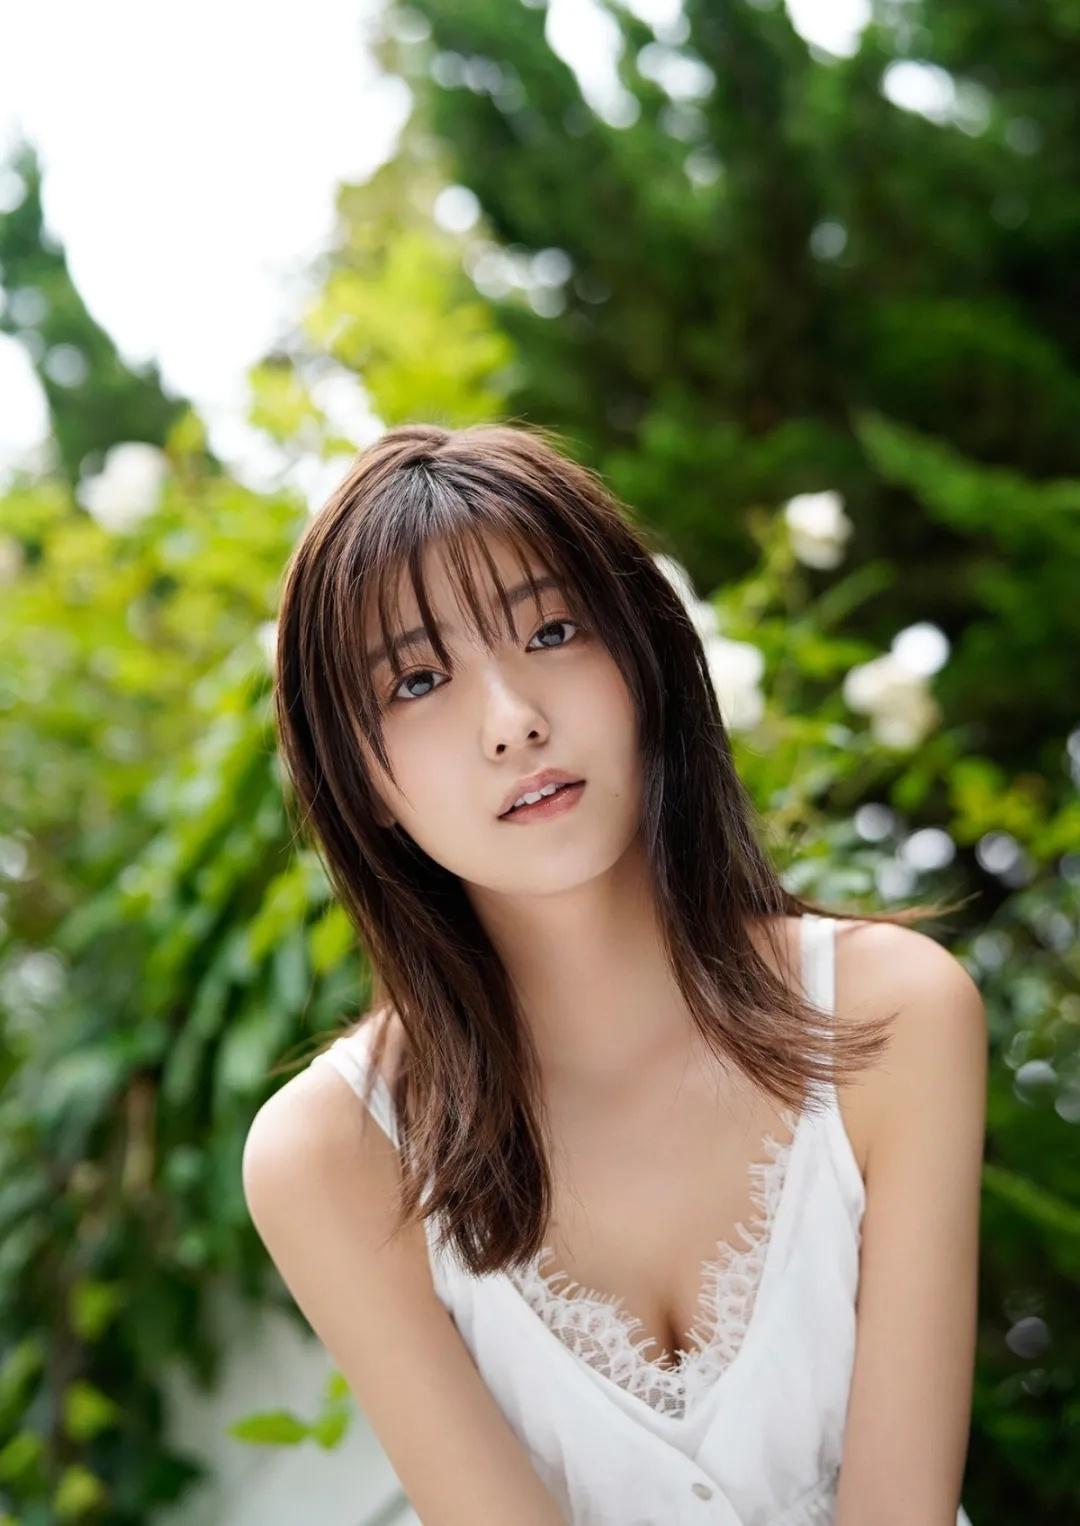 清纯至极人美如其名的工藤美樱写真作品 (18)